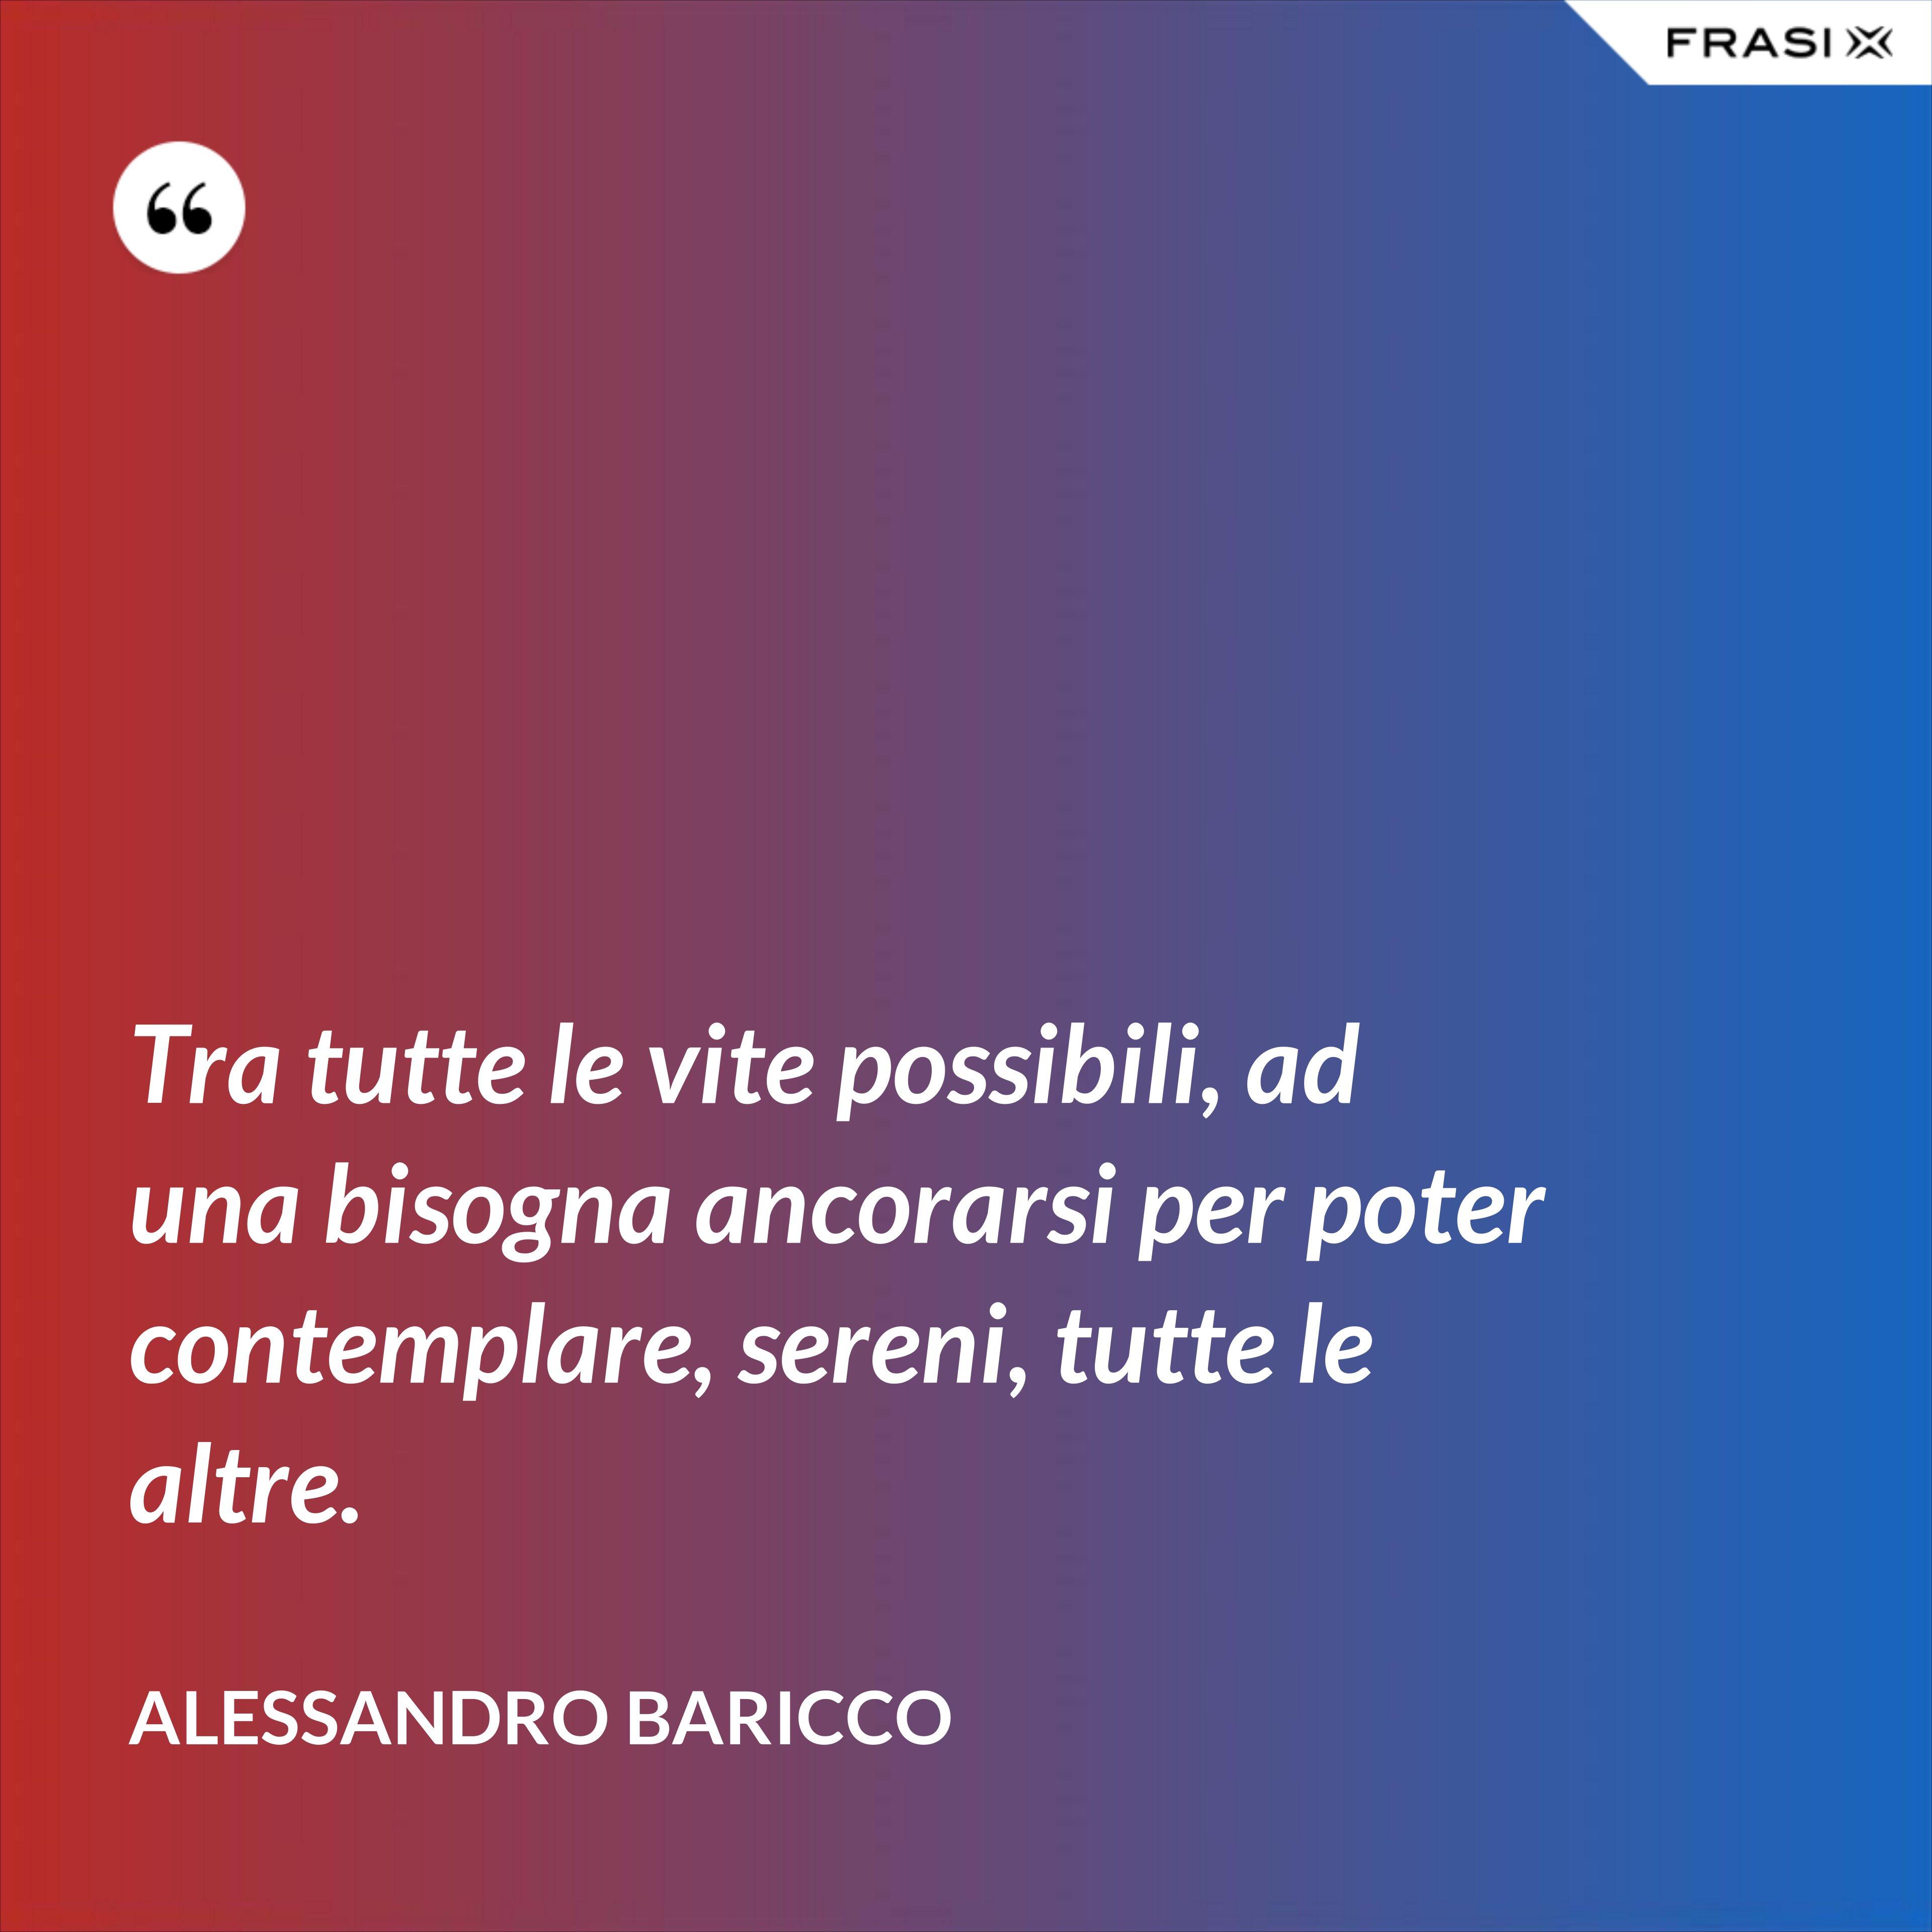 Tra tutte le vite possibili, ad una bisogna ancorarsi per poter contemplare, sereni, tutte le altre. - Alessandro Baricco